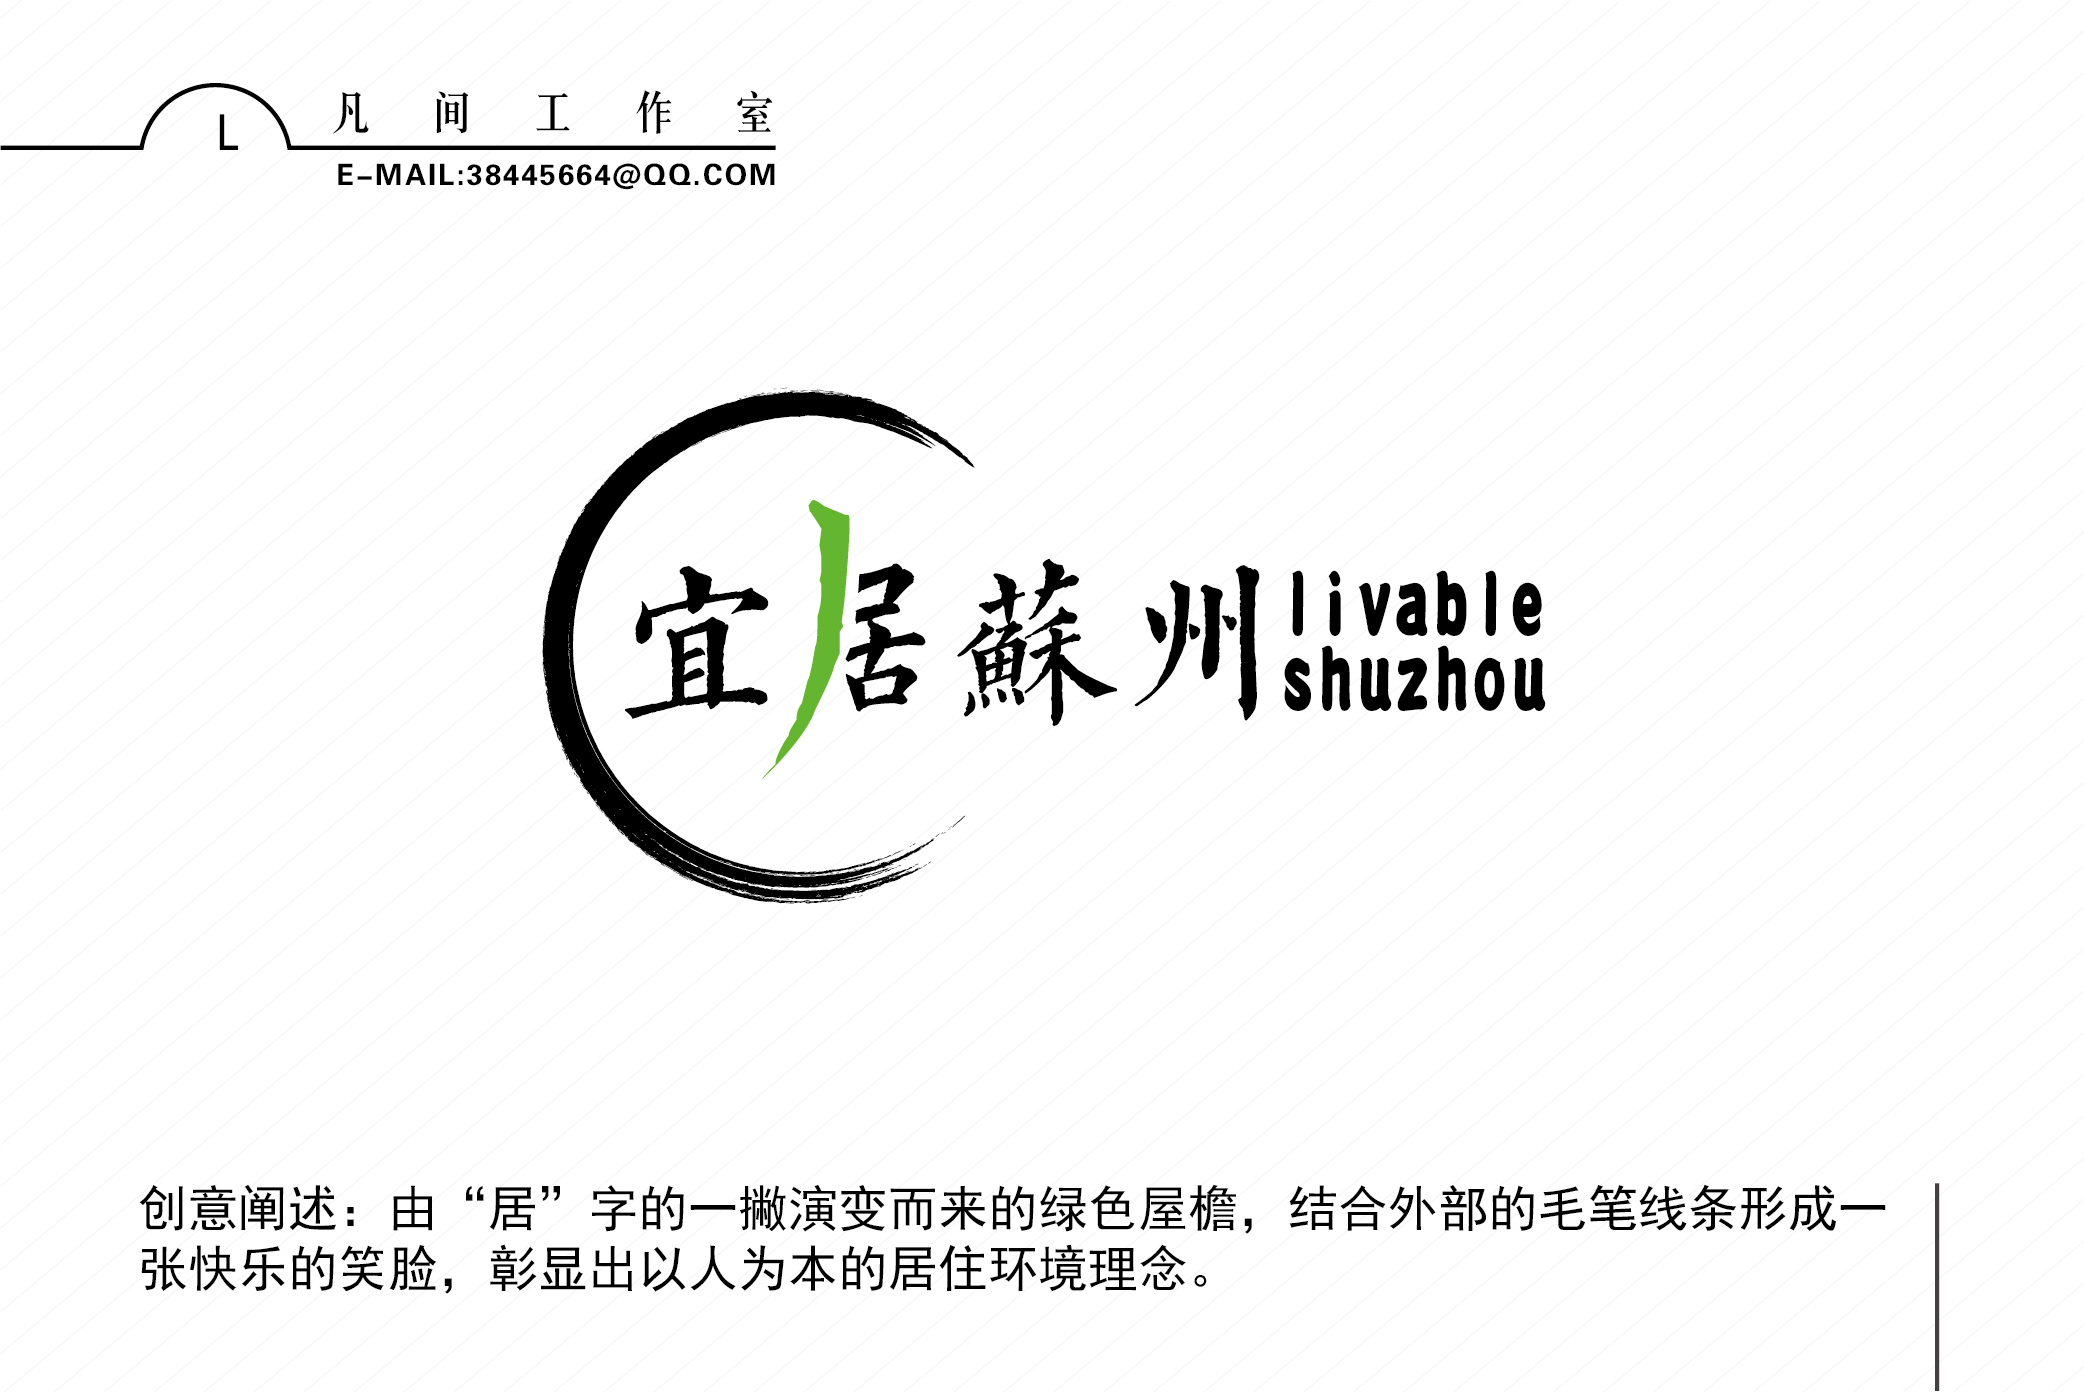 宜居苏州LOGO设计及名片_2959436_k68威客网